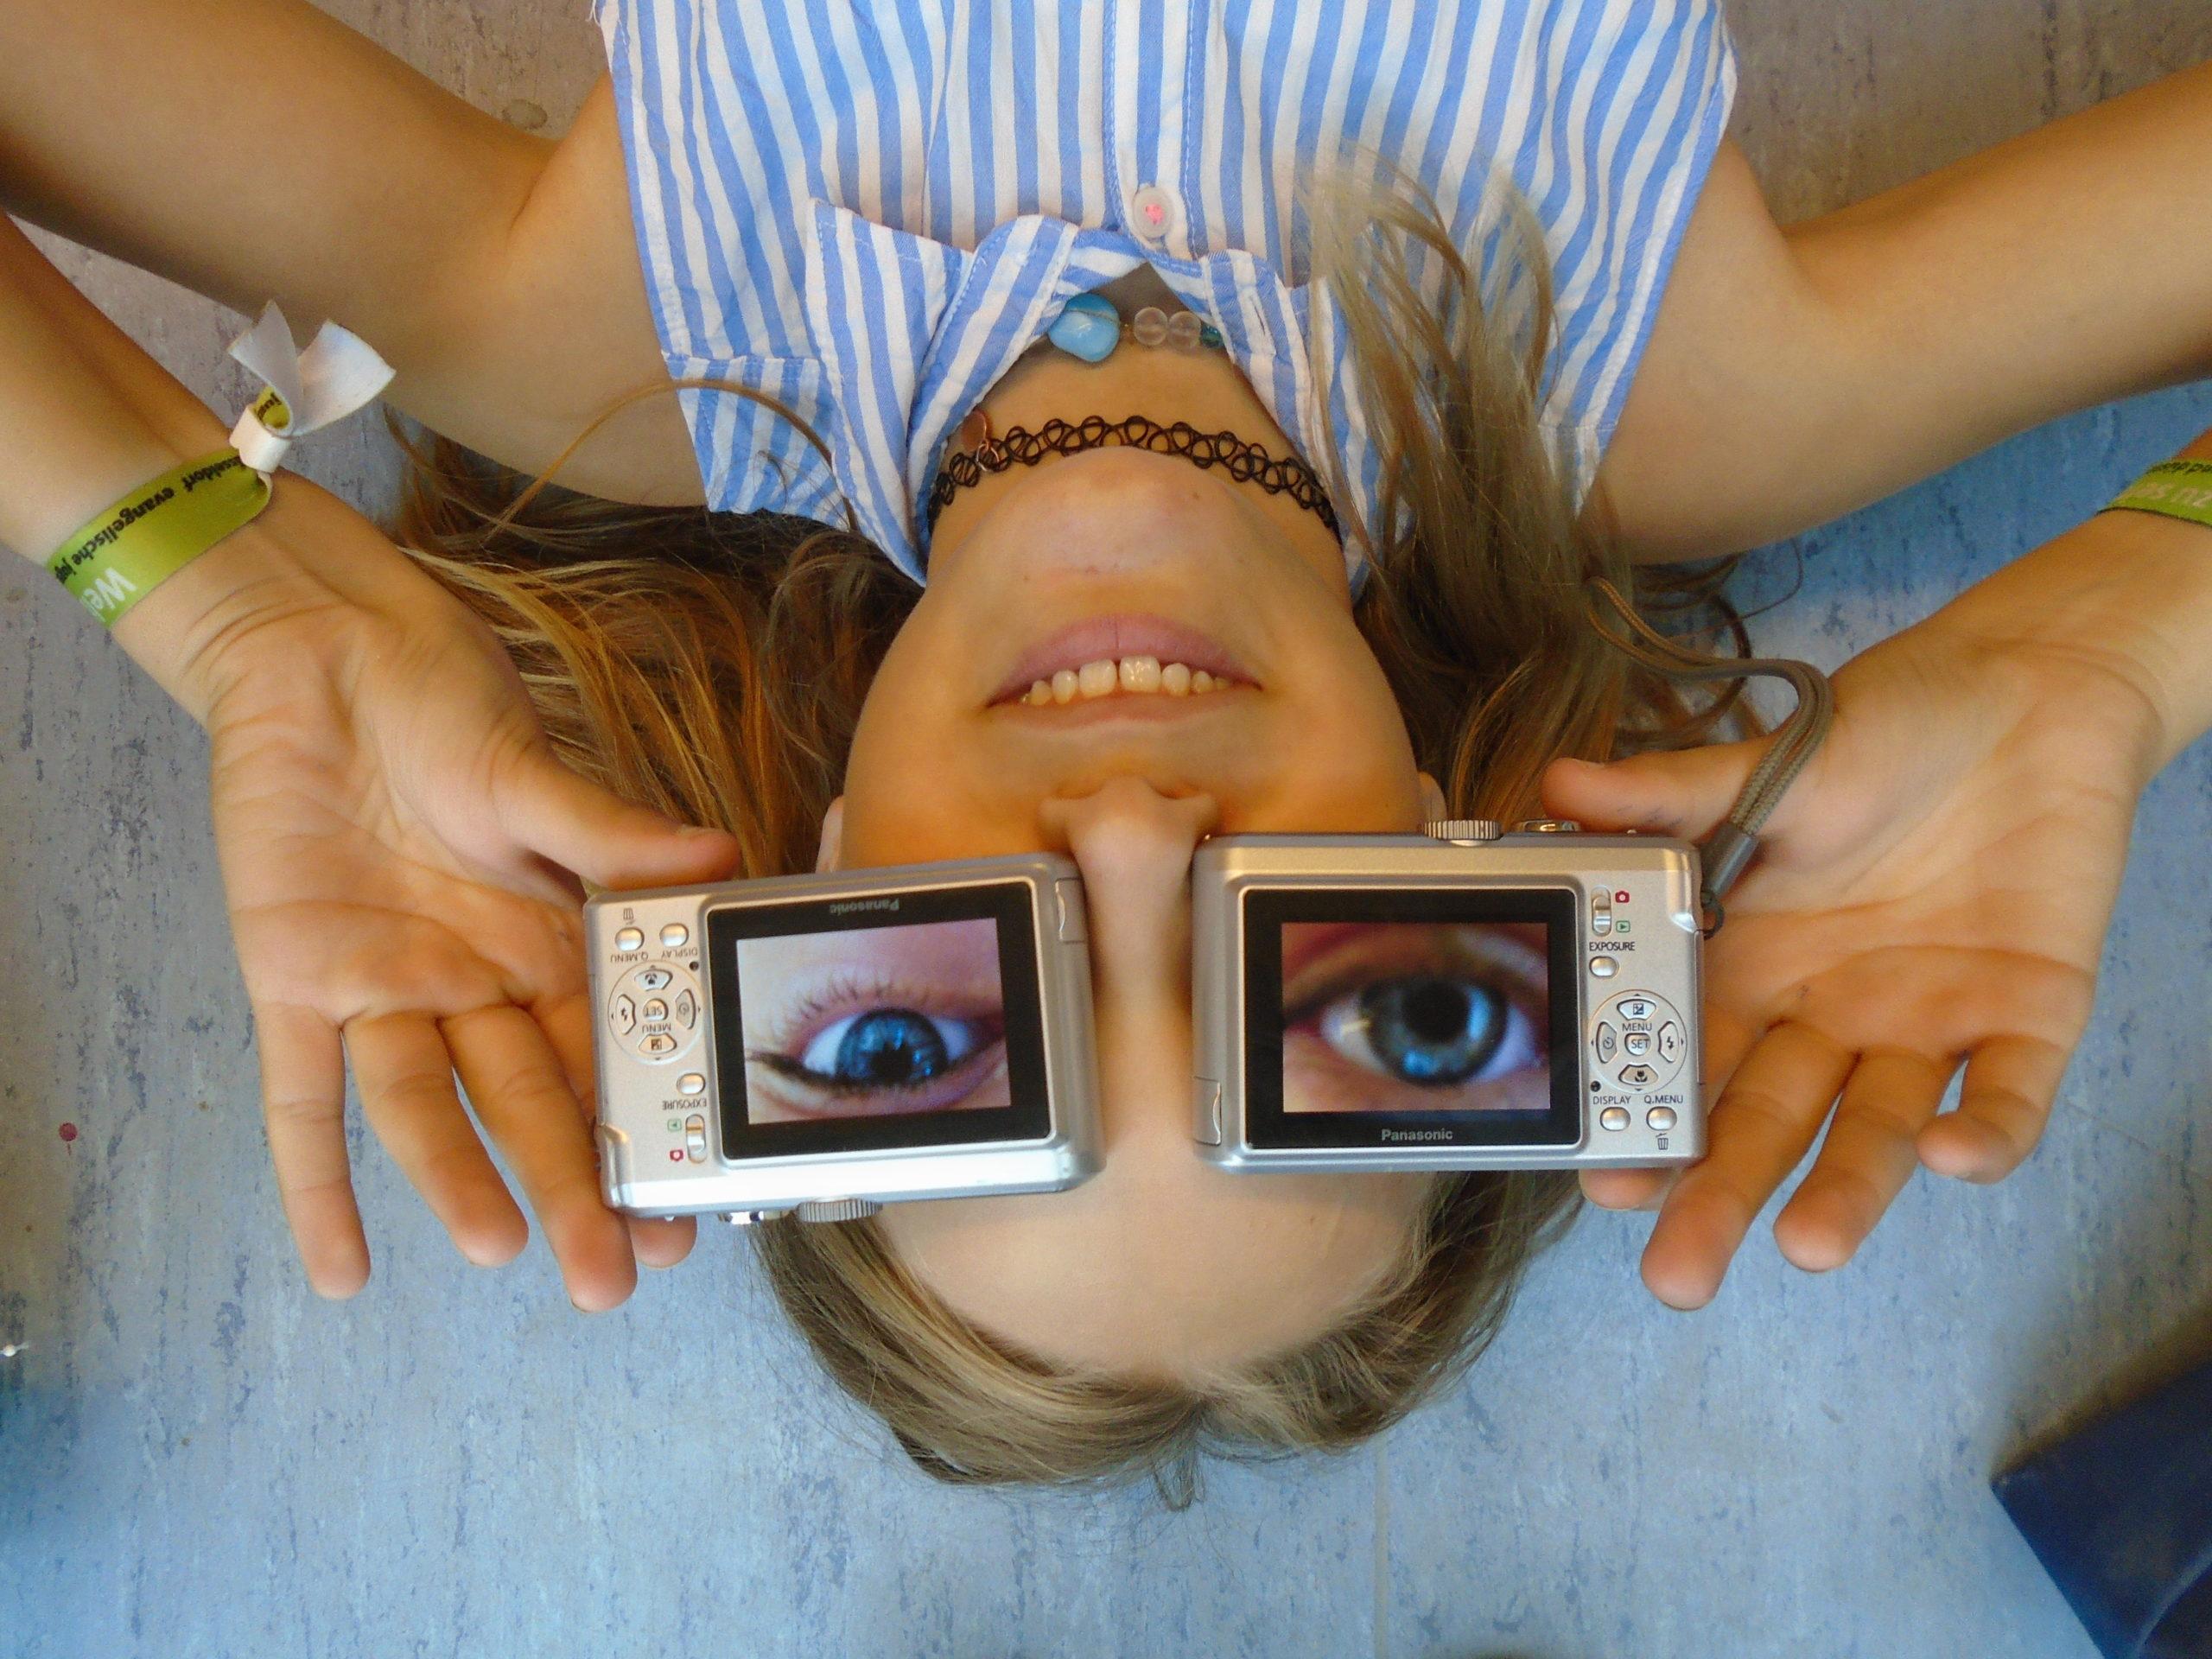 Mädchen auf dem Kopf, hat zwei Augen aus zwei Kameras